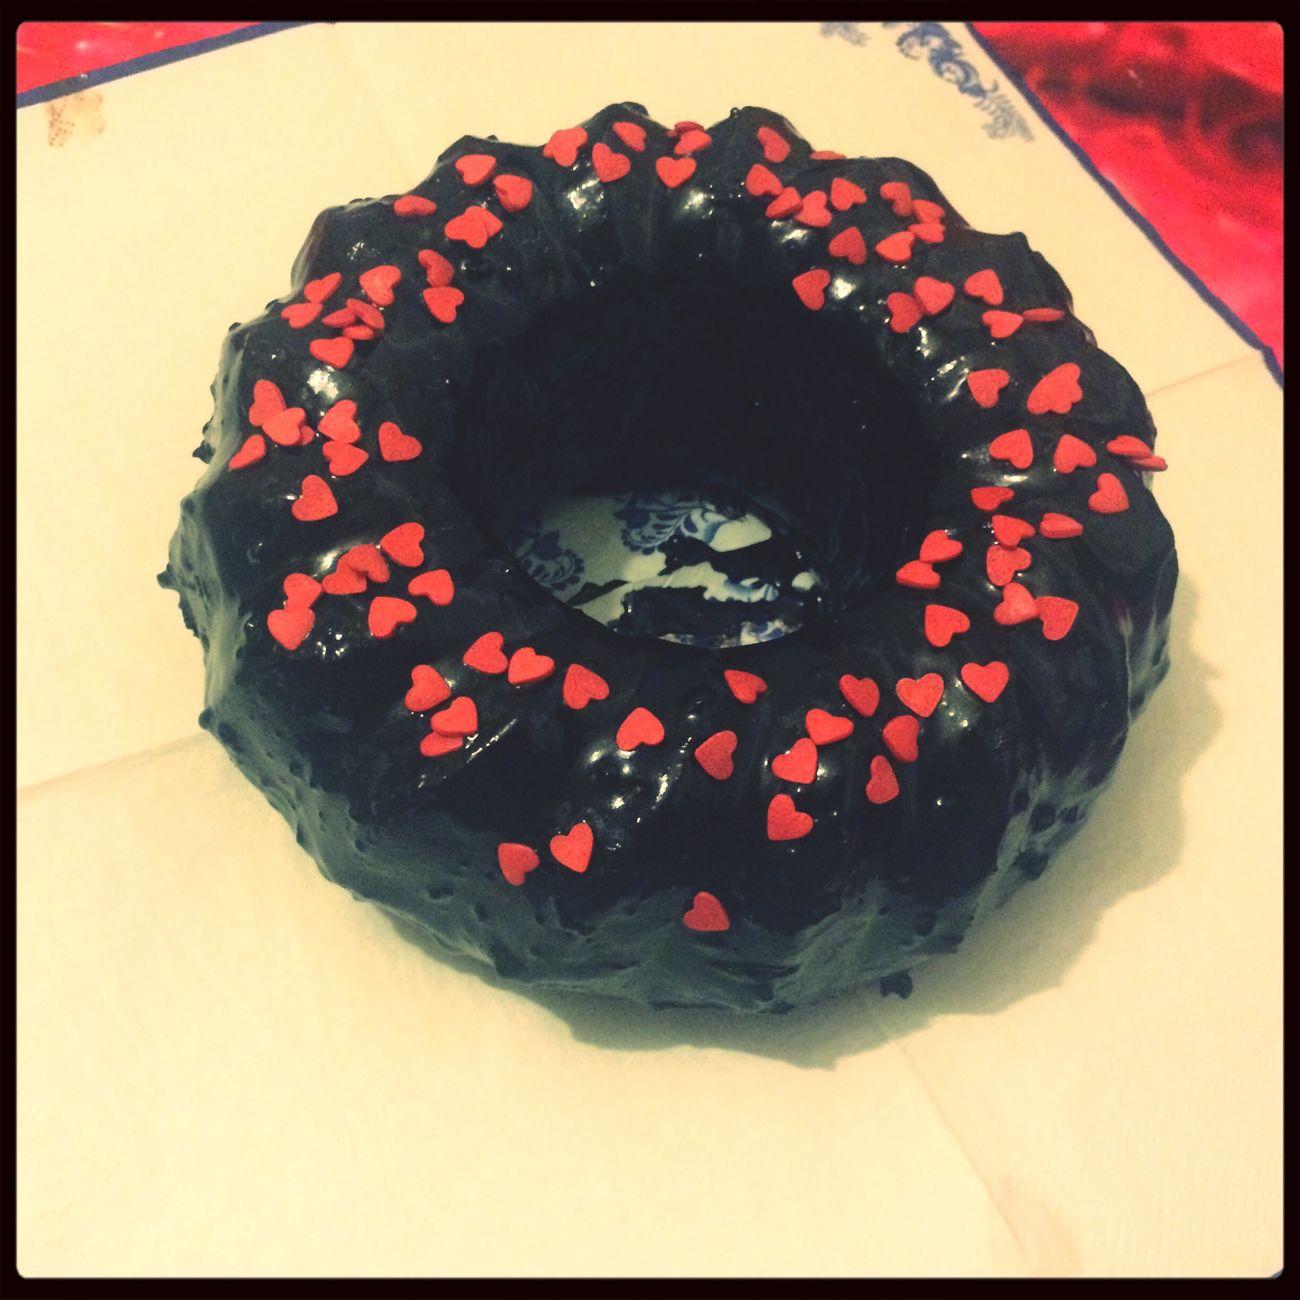 Cake Chokocake Chokolate